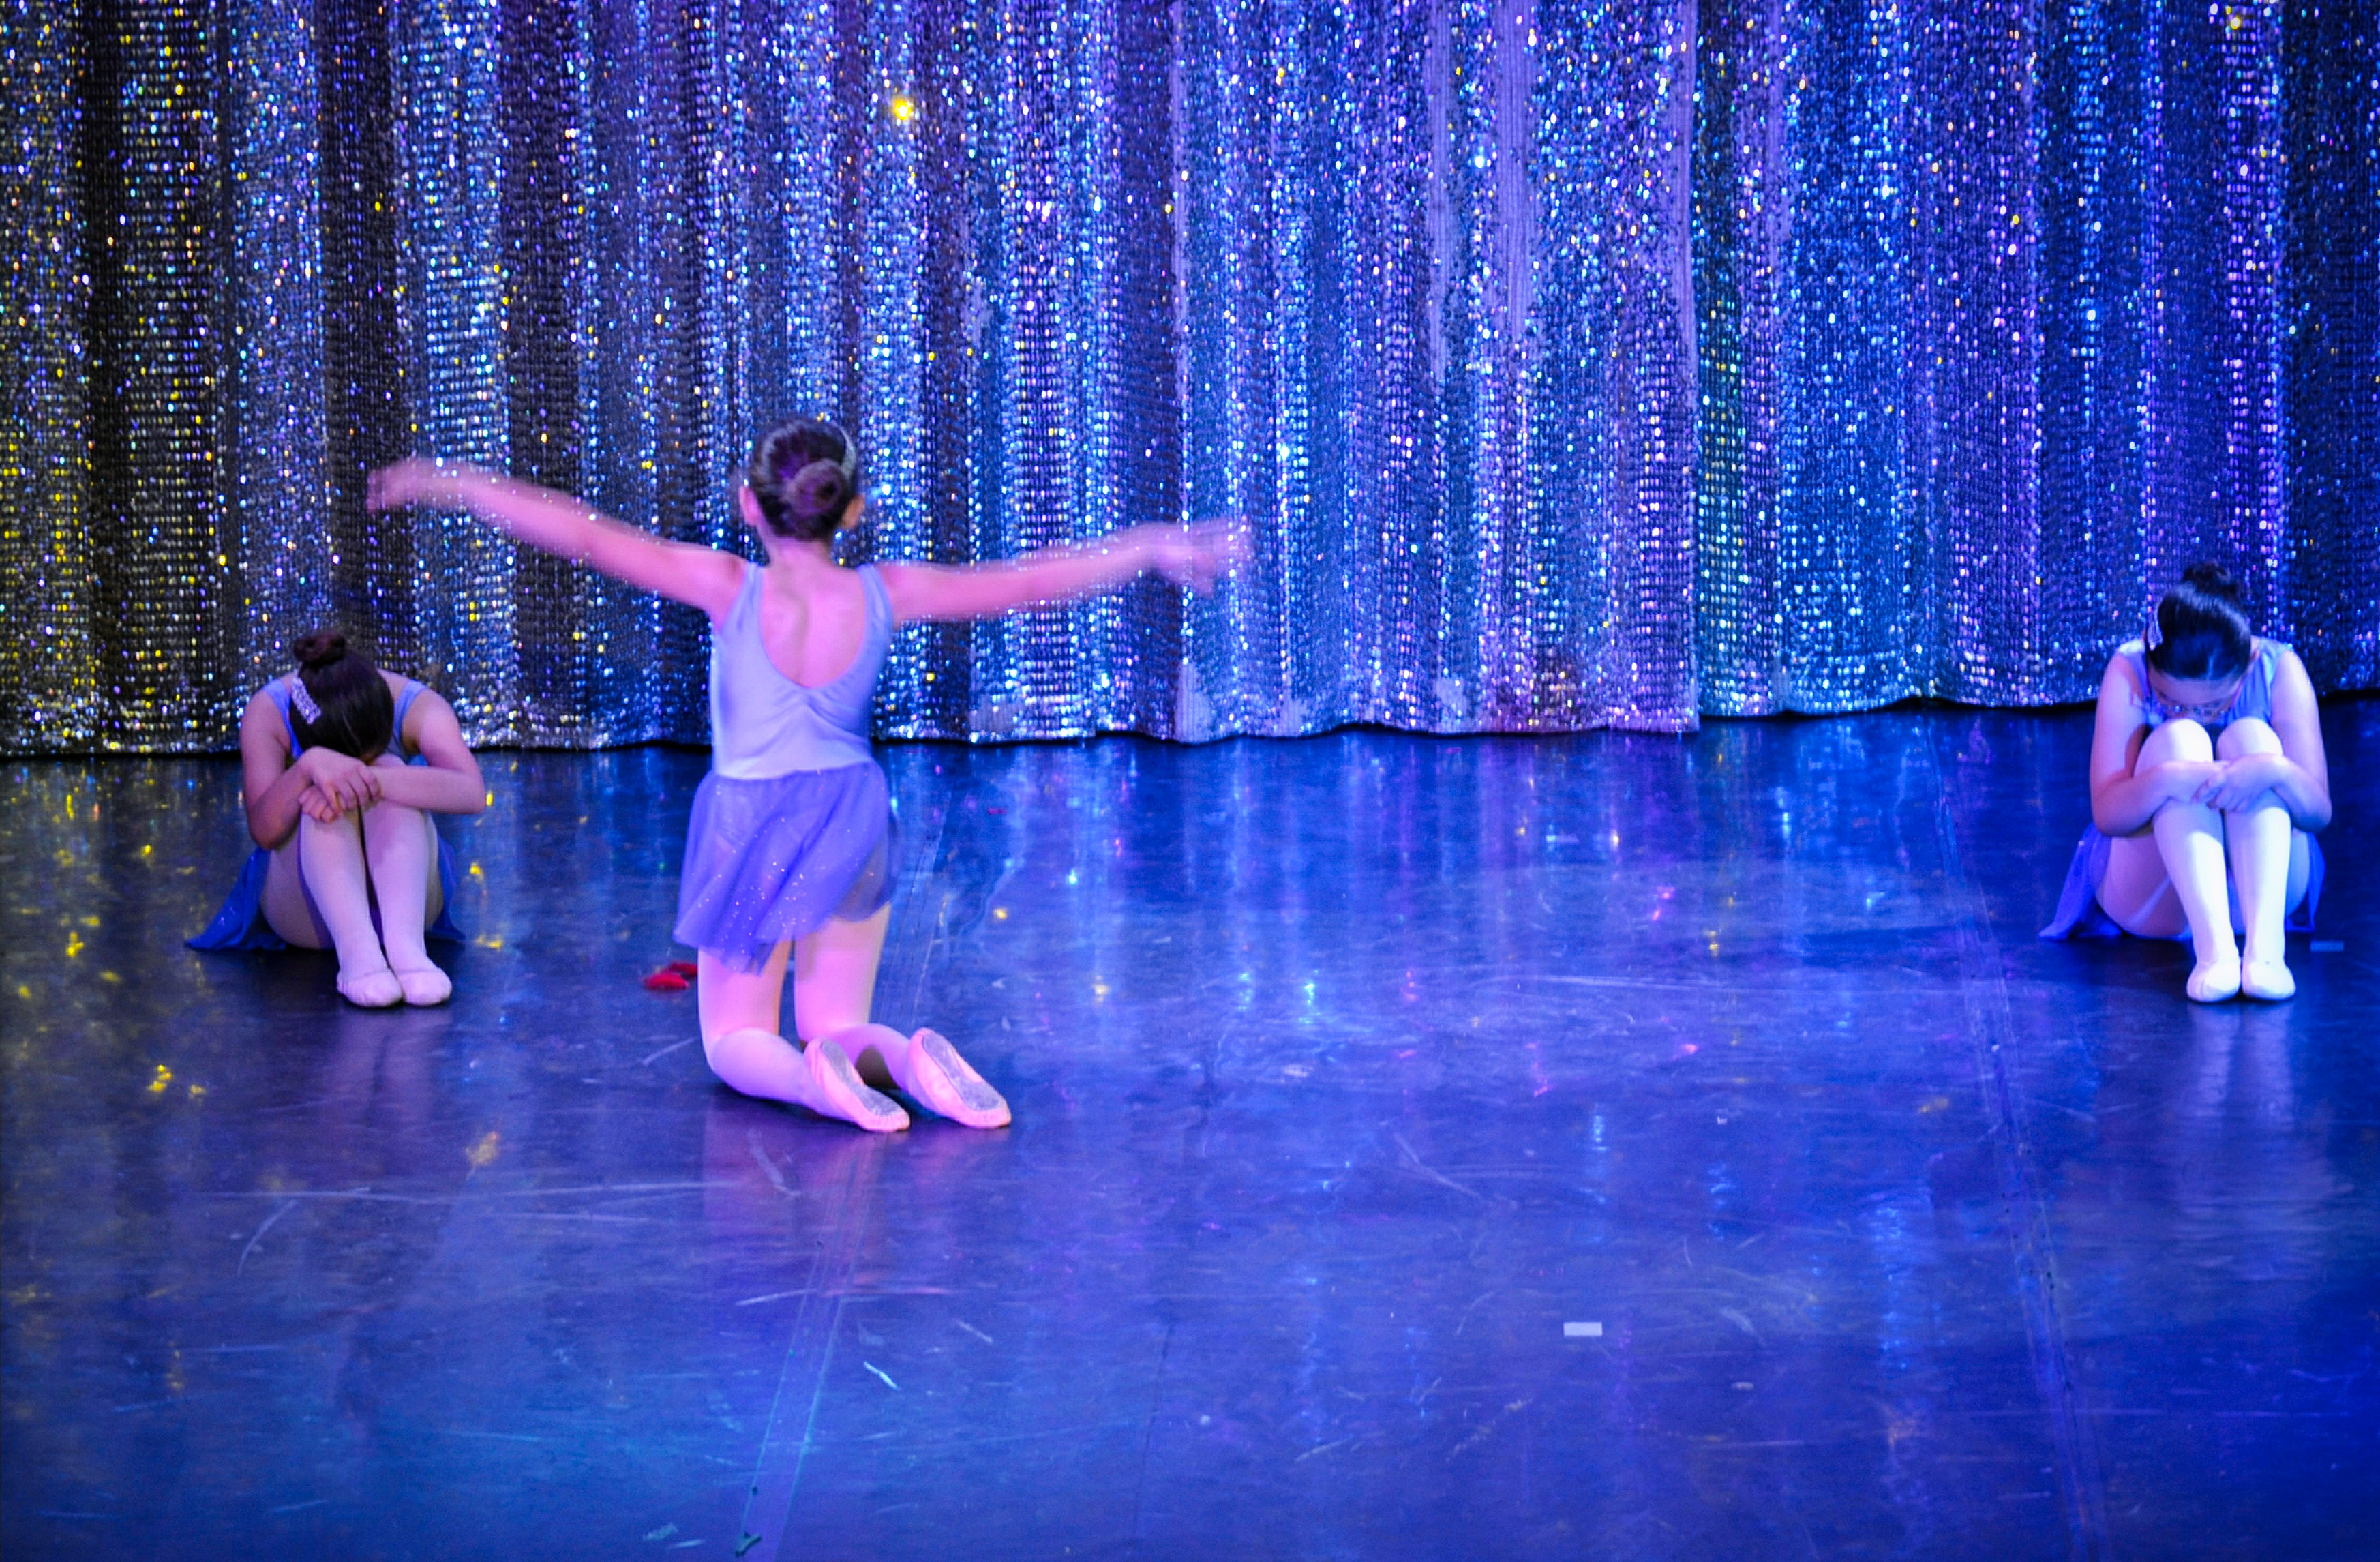 Linea-de-Baile-festival-verano-2015-clases-de-baile-valencia-185